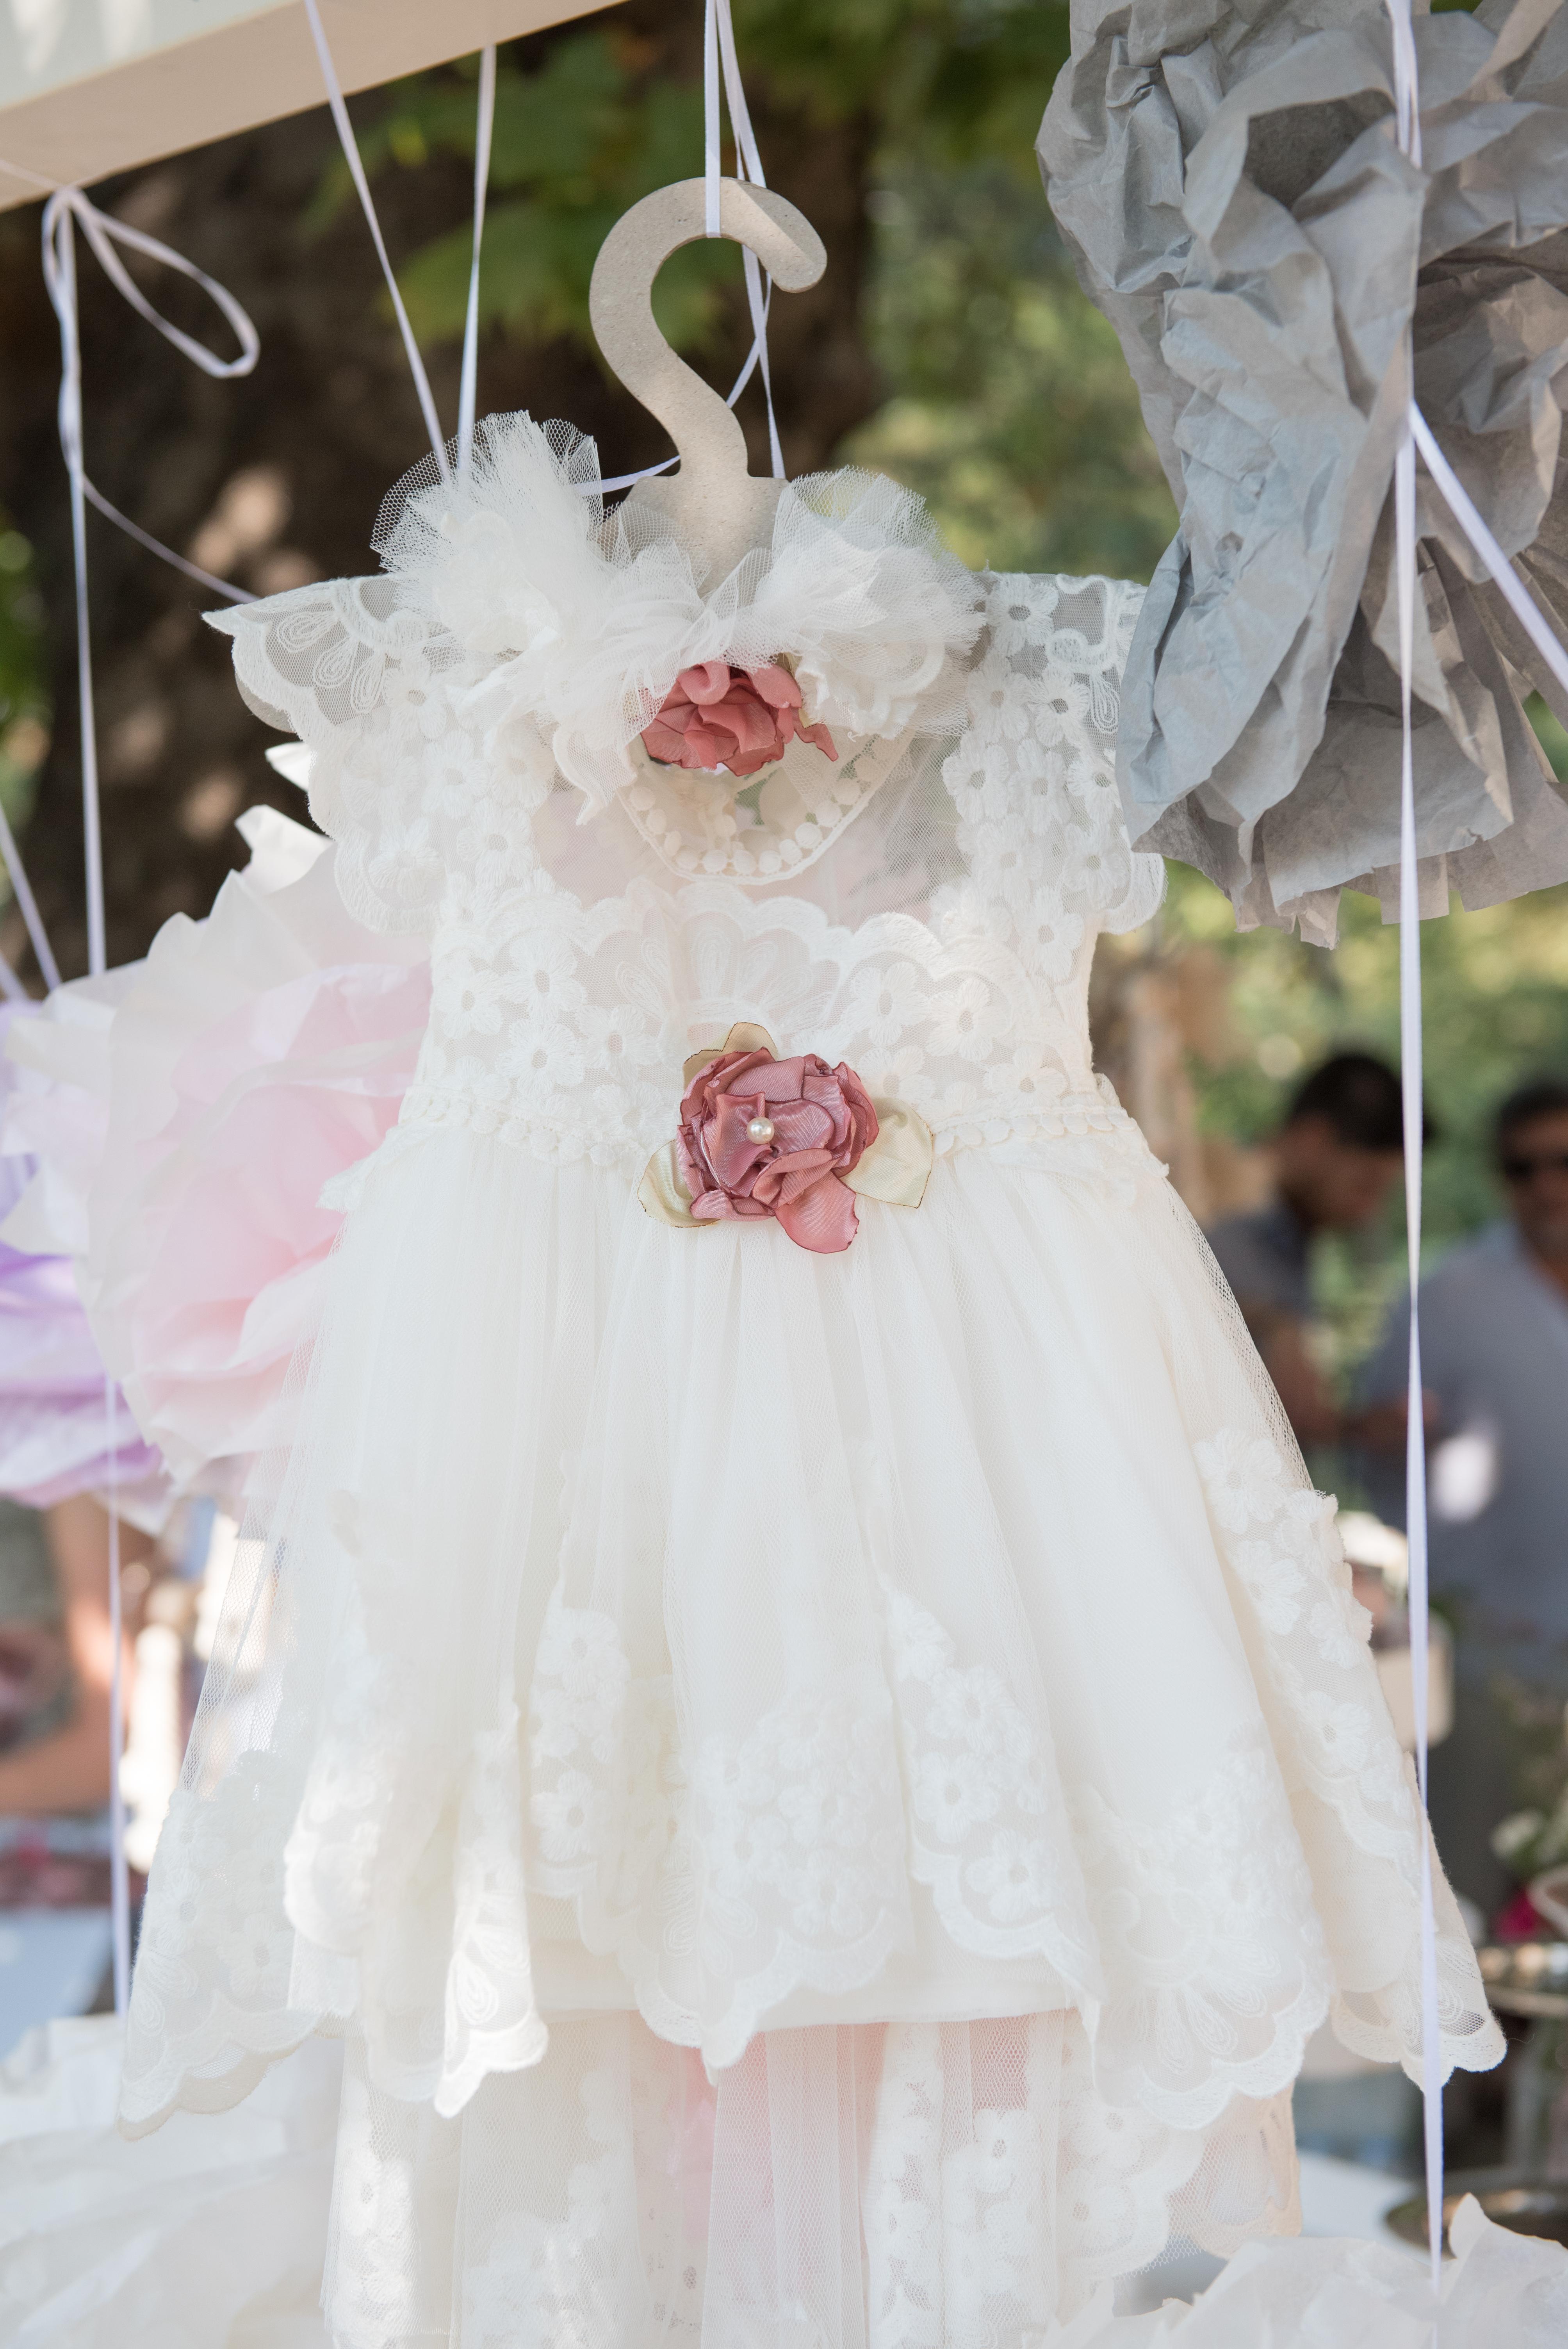 χειροποίητο φόρεμα βάπτισης